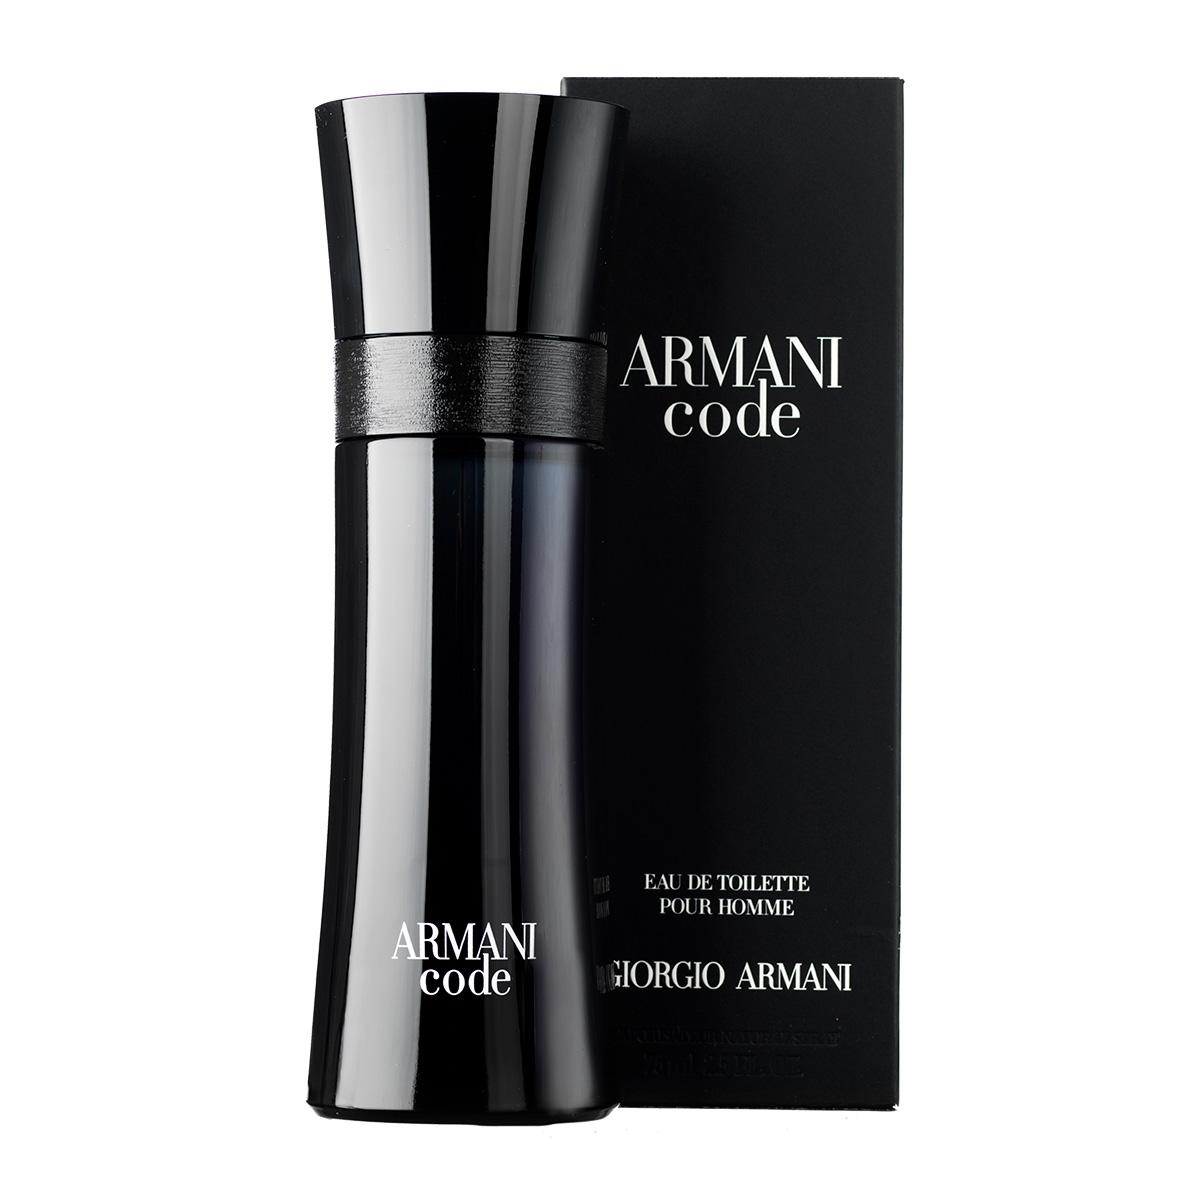 giorgio-armani-code-m-edt-75-ml023